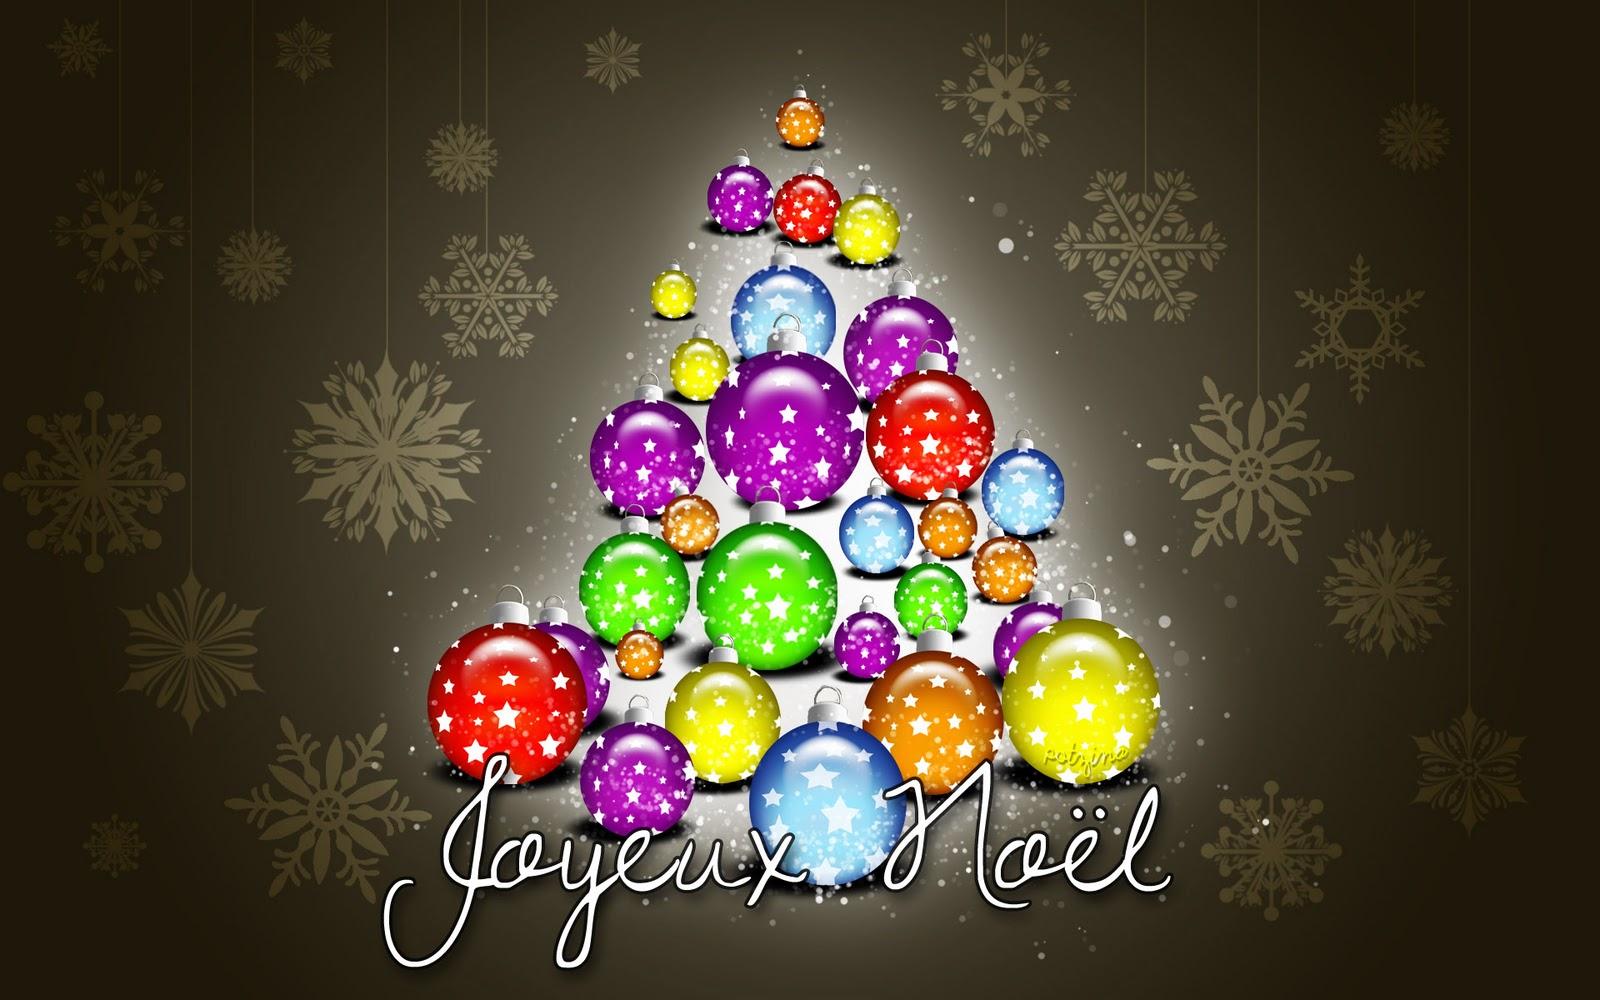 Dimanche 24 décembre  Joyeux-noel-carte